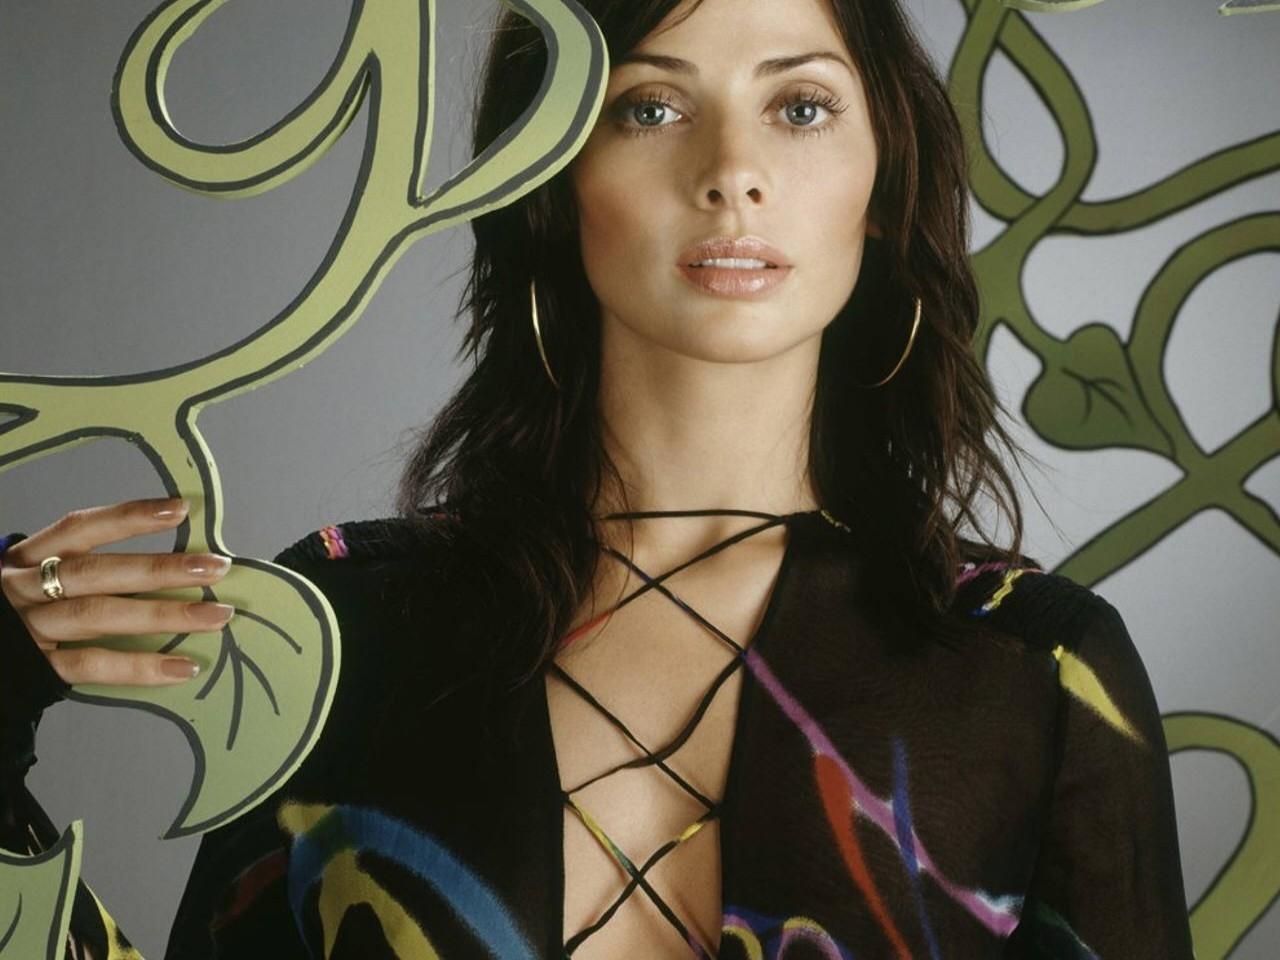 Wallpaper di Natalie Imbruglia in un abito a rete